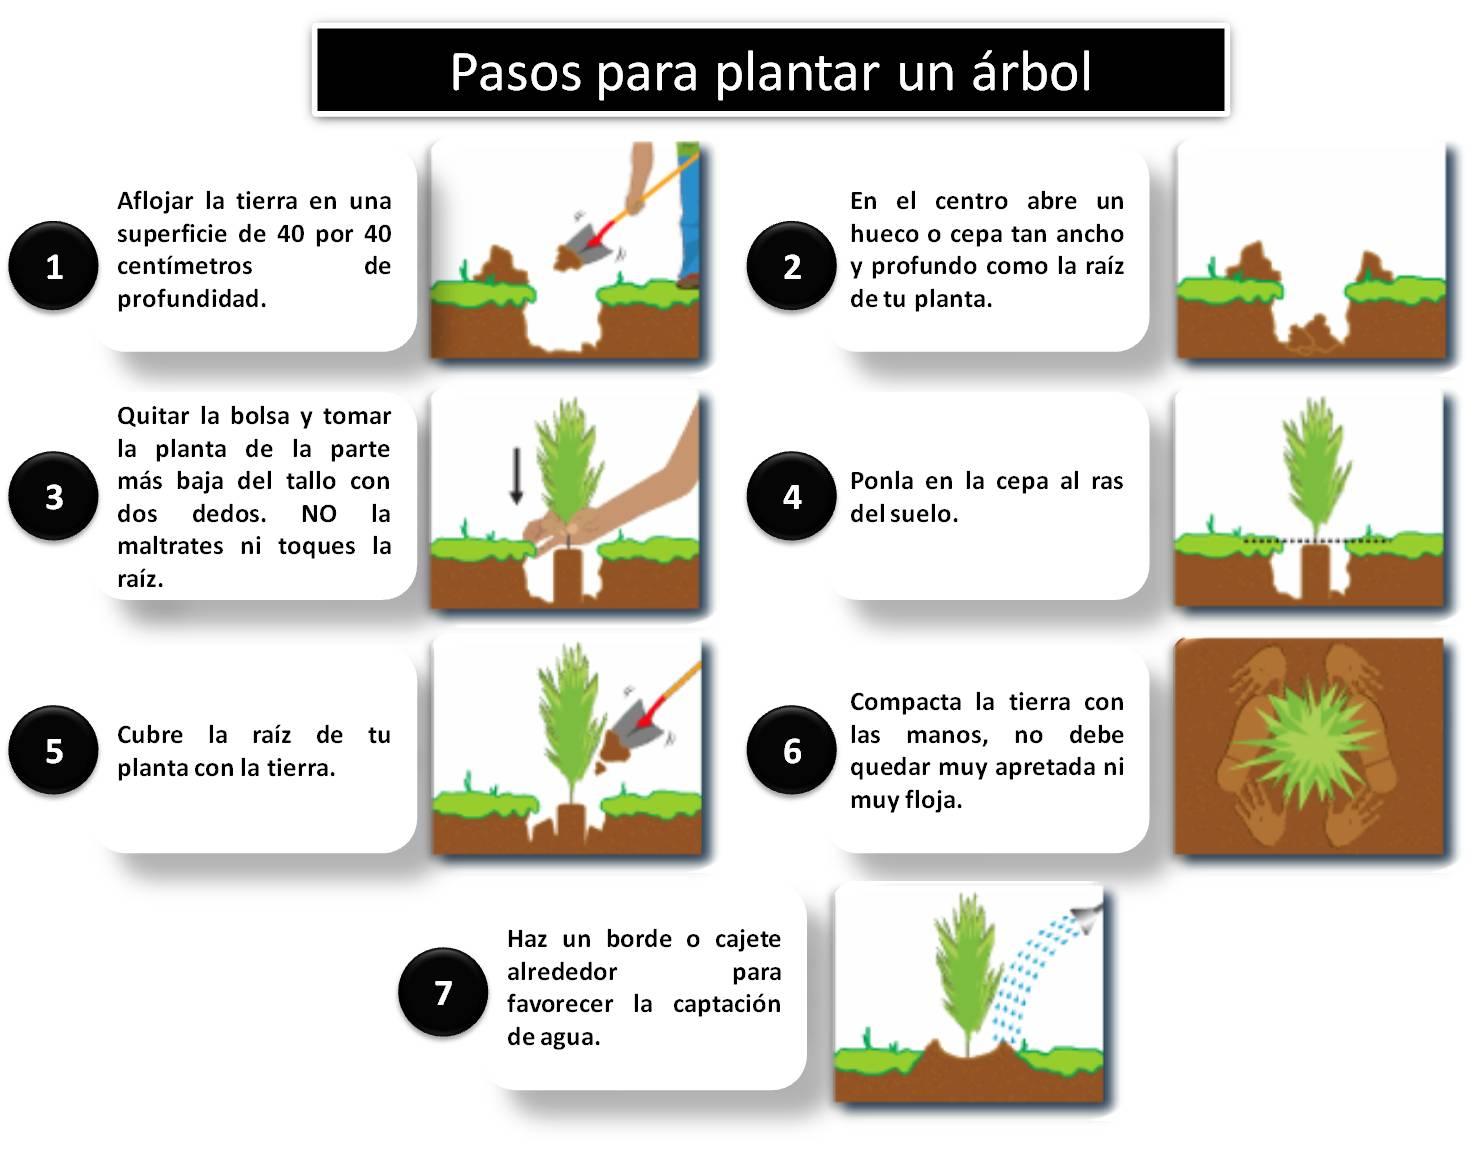 Las plantas sembrando un arbol for Estudiar jardineria